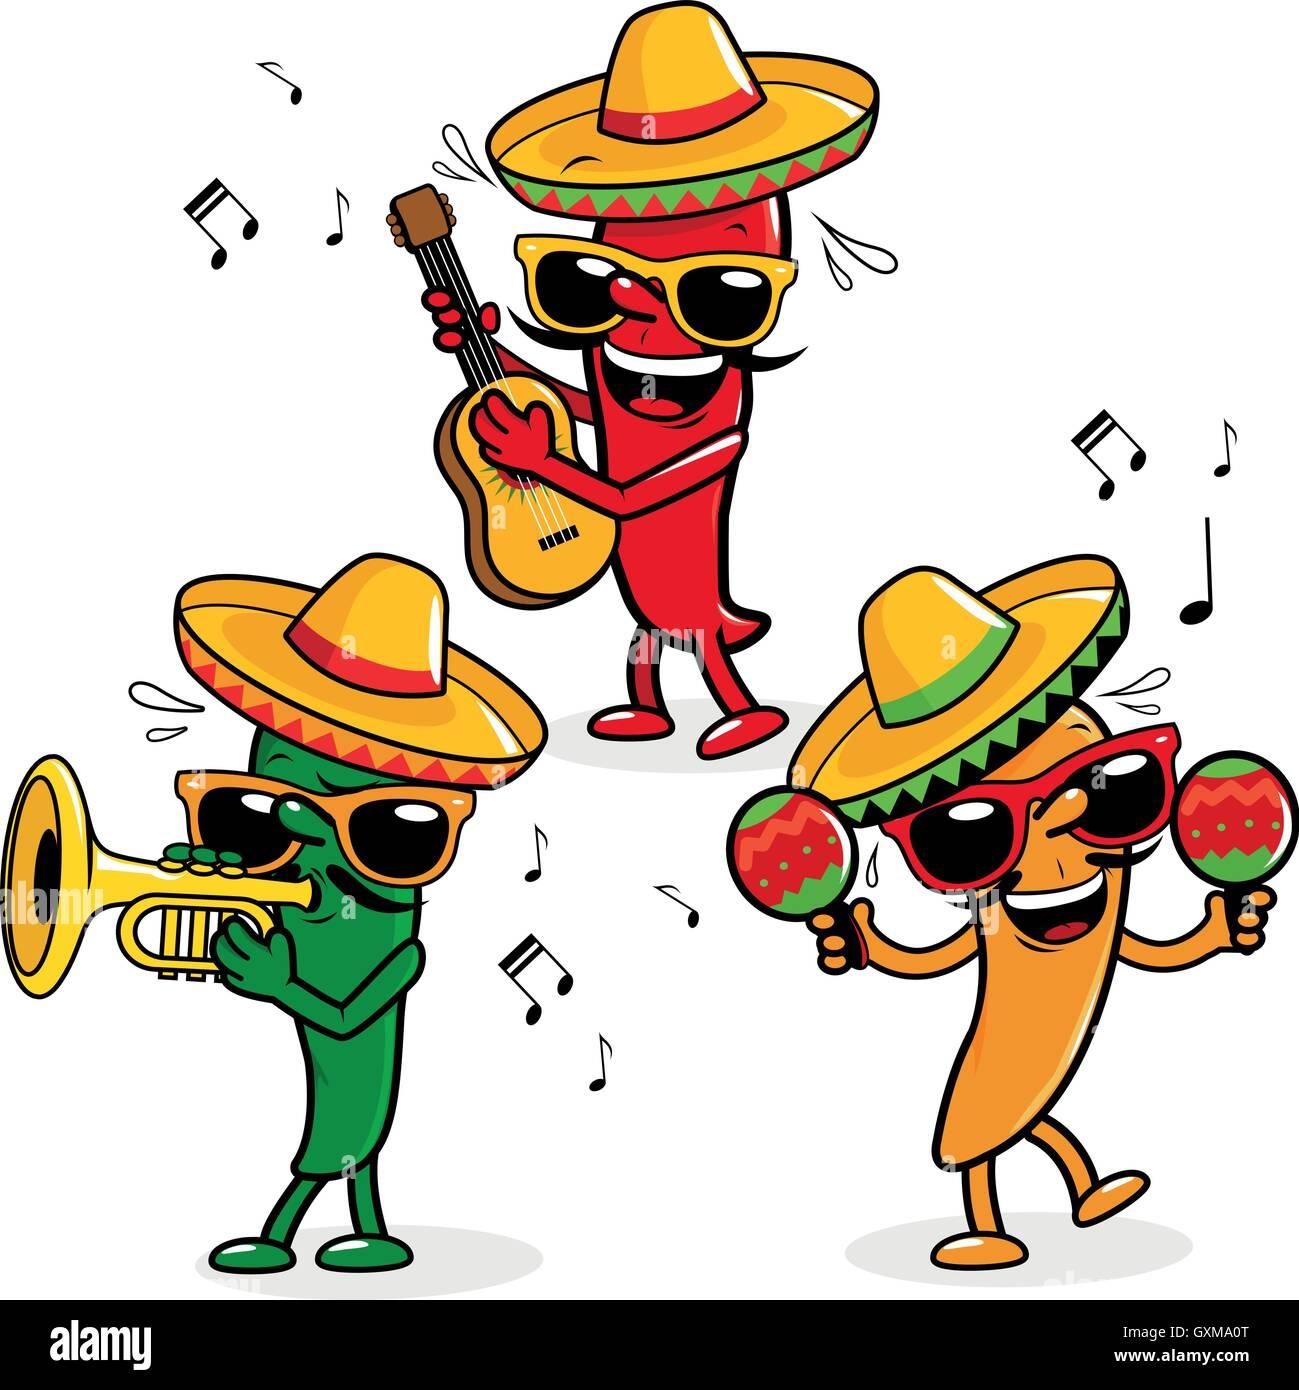 Cartoon caliente pimientos mariachi portando sombreros y reproducir música.  Imagen De Stock baccdd105ed